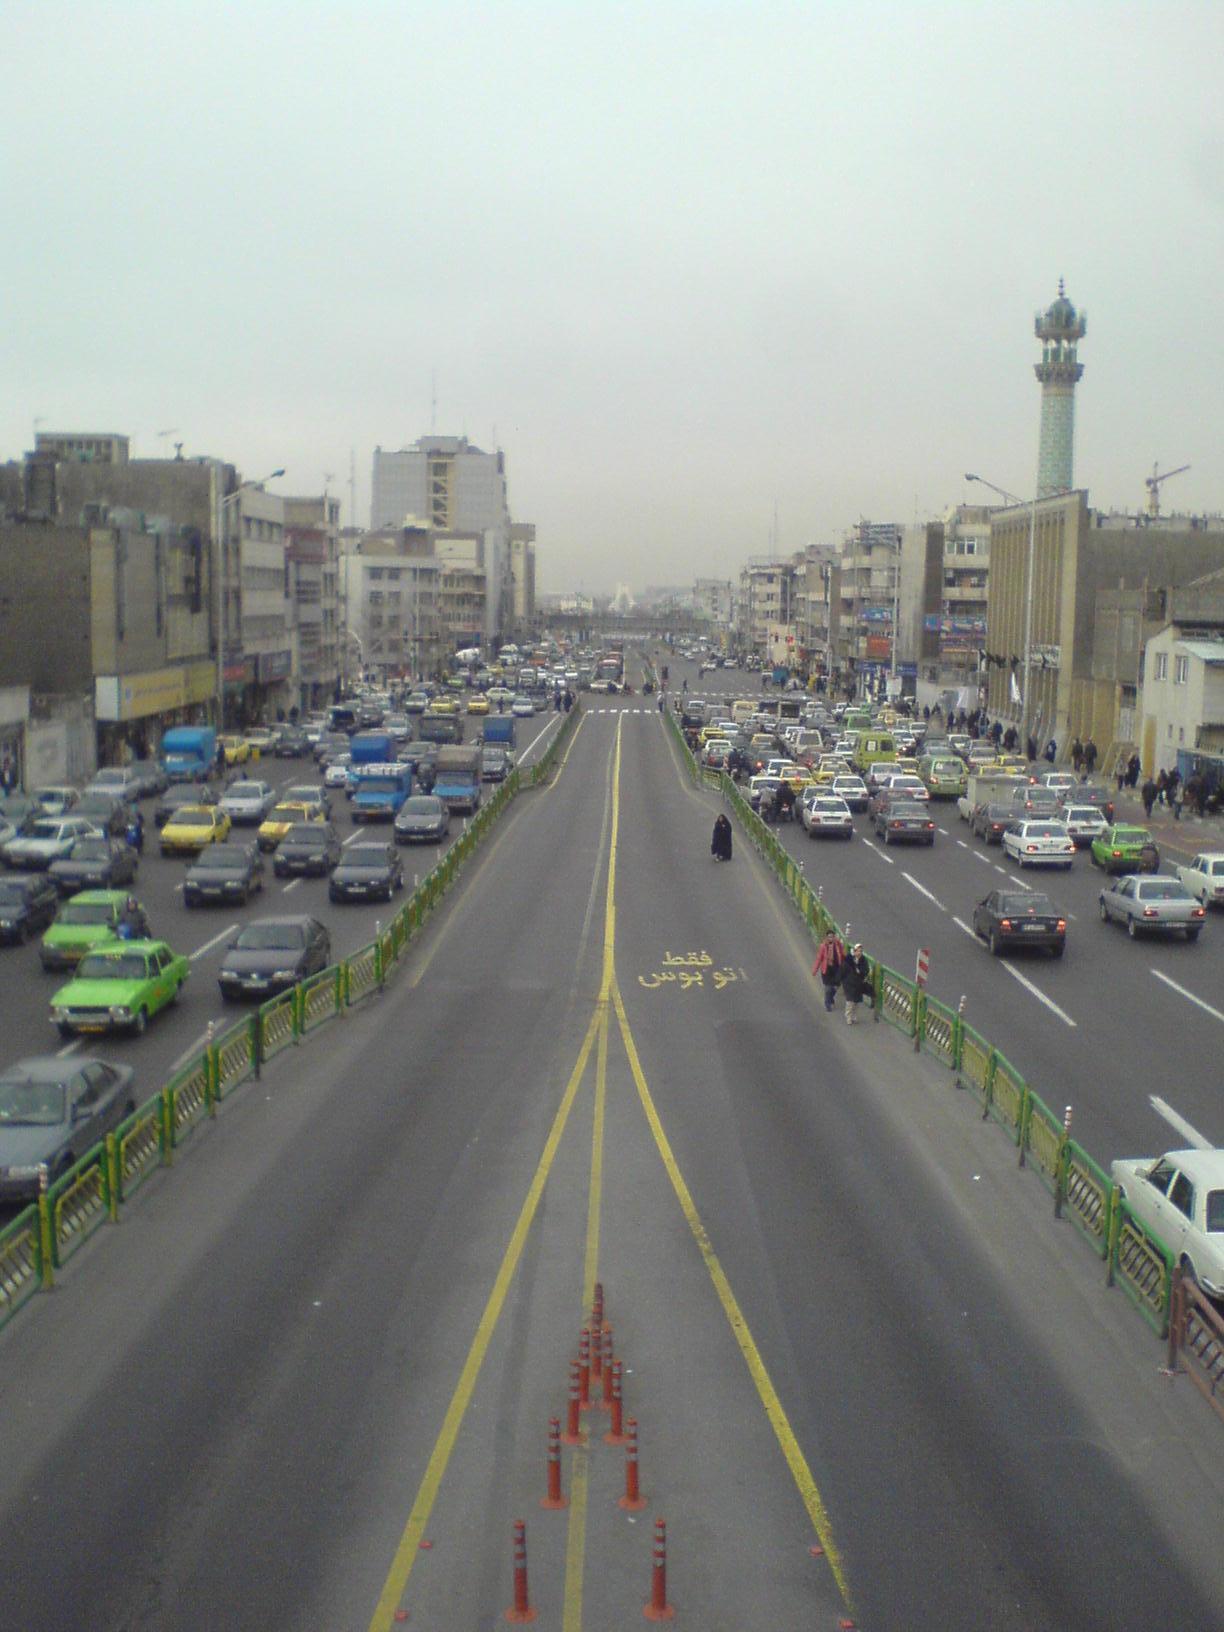 خیابان آزادی، خیابان رخدادهای بزرگ. این نگار از بالای پل پیاده رو روبروی وزارت خانه کار گرفته شده است.